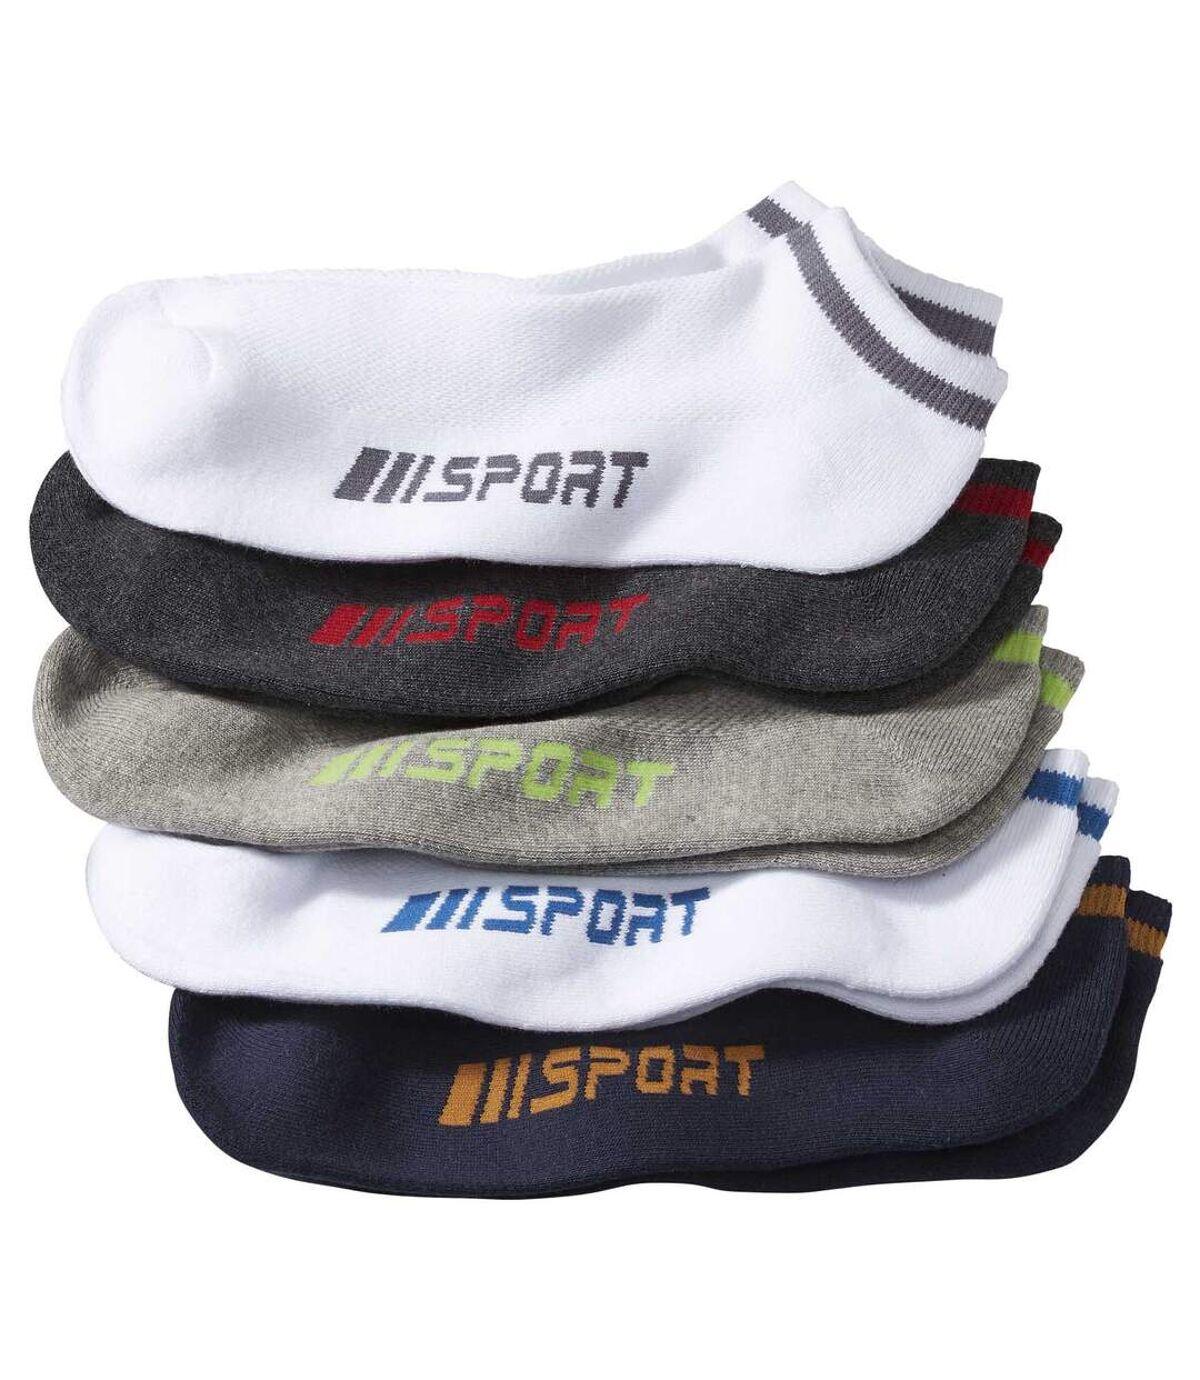 Pack of 5 Pairs of Men's Low Ankle Socks - White Navy Grey Atlas For Men